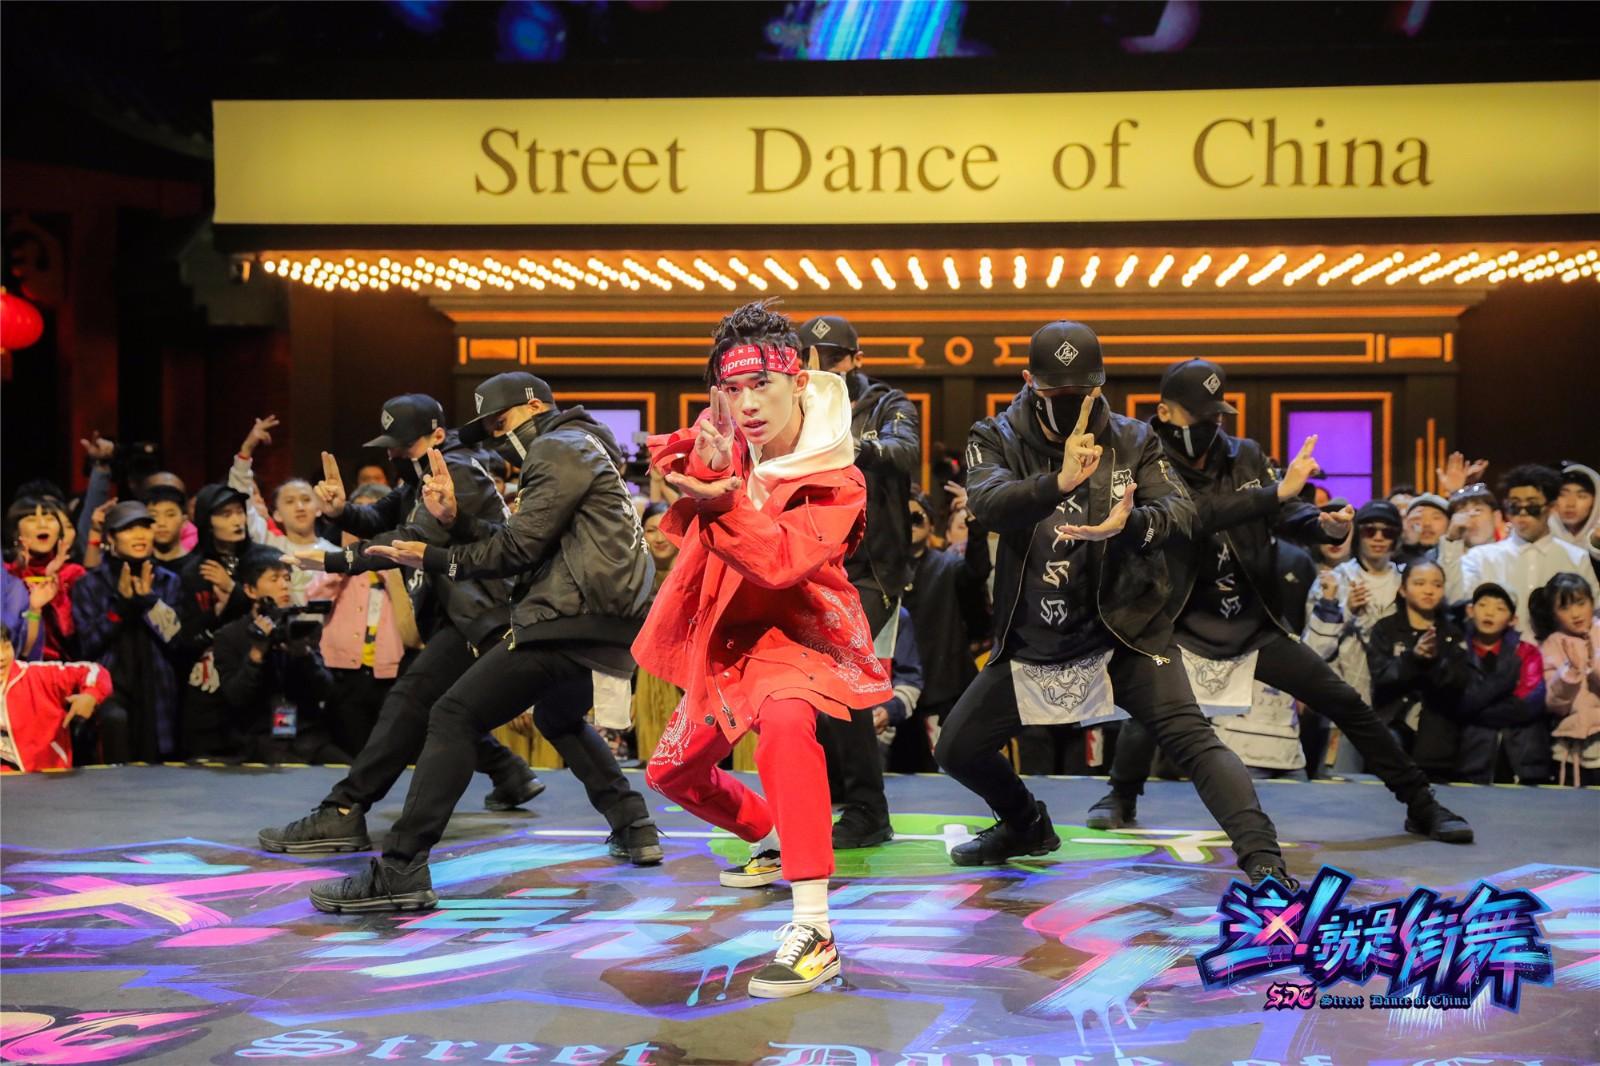 《这就是街舞》今晚8点开播 史上最残酷赛制逼疯明星队长